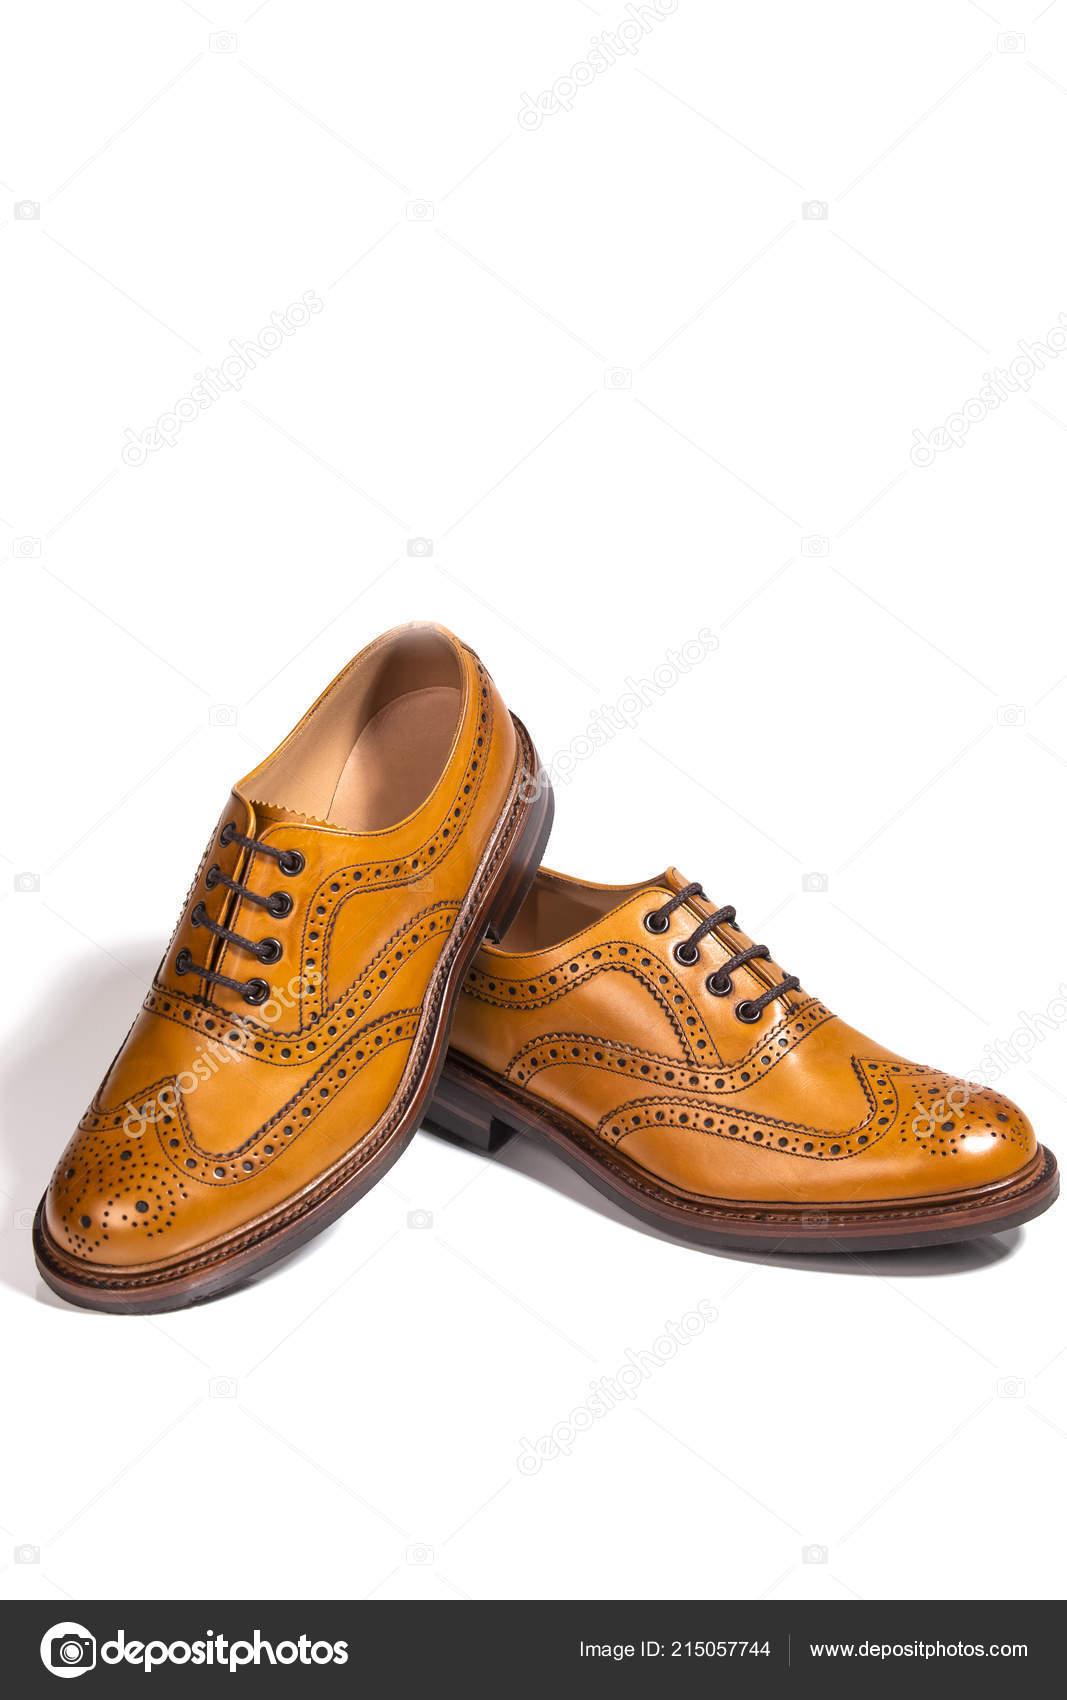 ce9371d962 Calzado de hombres. Un par de zapatos Oxford de cuero lleno de Tan  Broggued. Colocado el uno del otro. Aislado sobre fondo blanco.